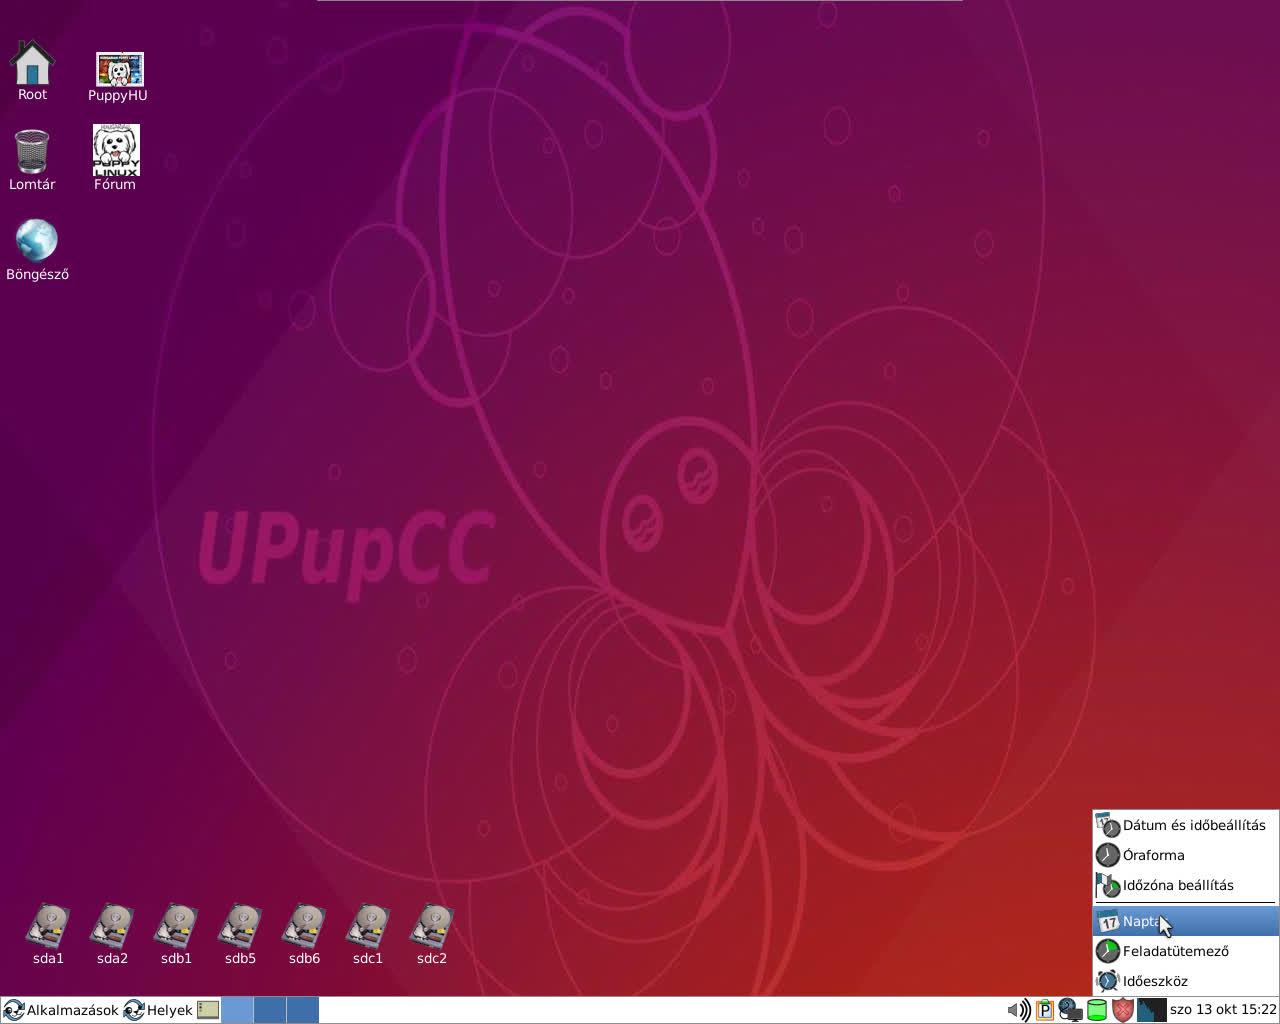 UPup Cosmic